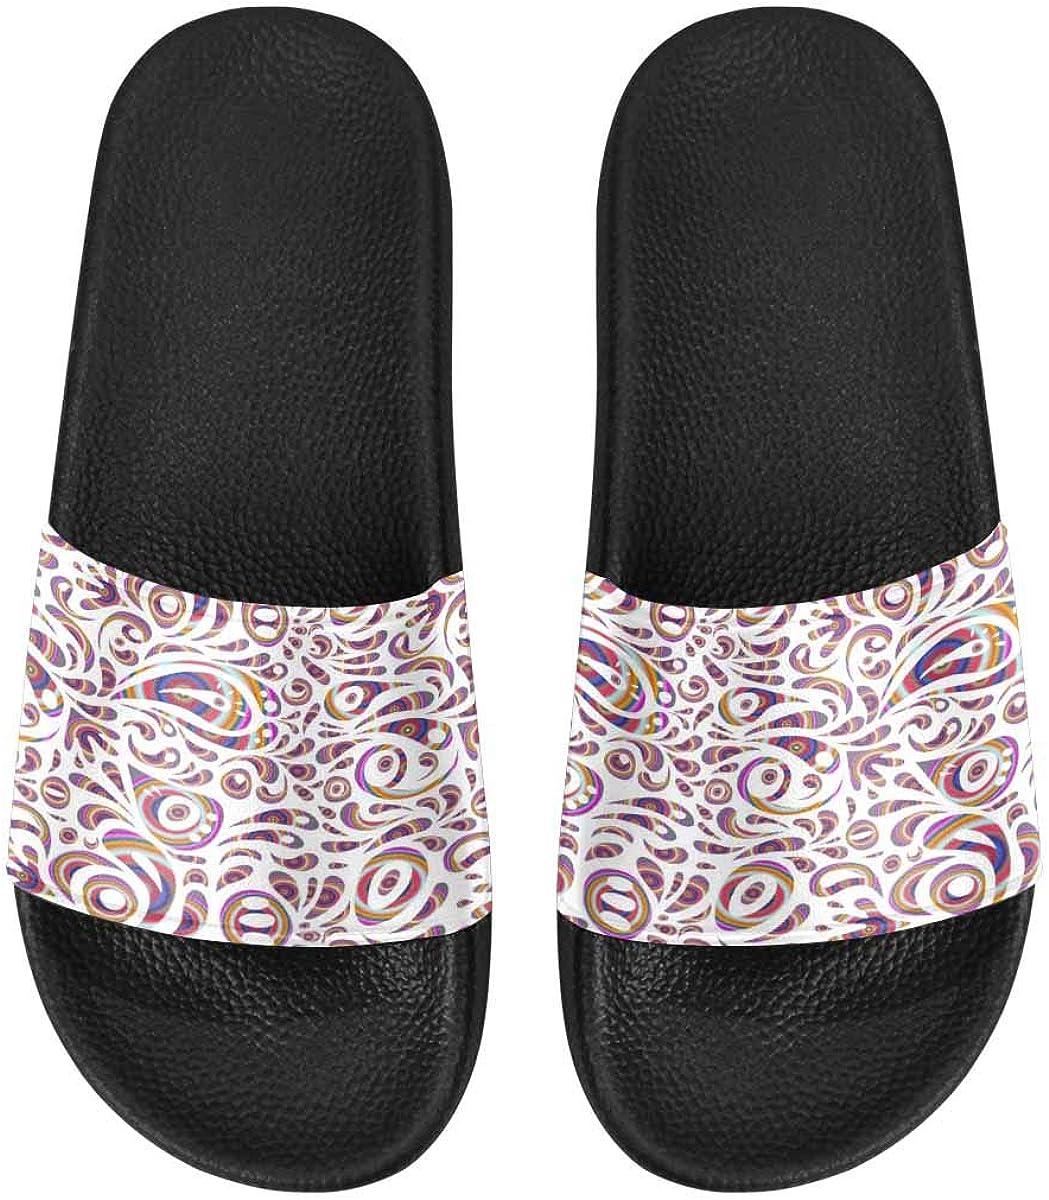 InterestPrint Women's Casual Slide Sandals for Indoor Outdoor Christmas Tree Pattern